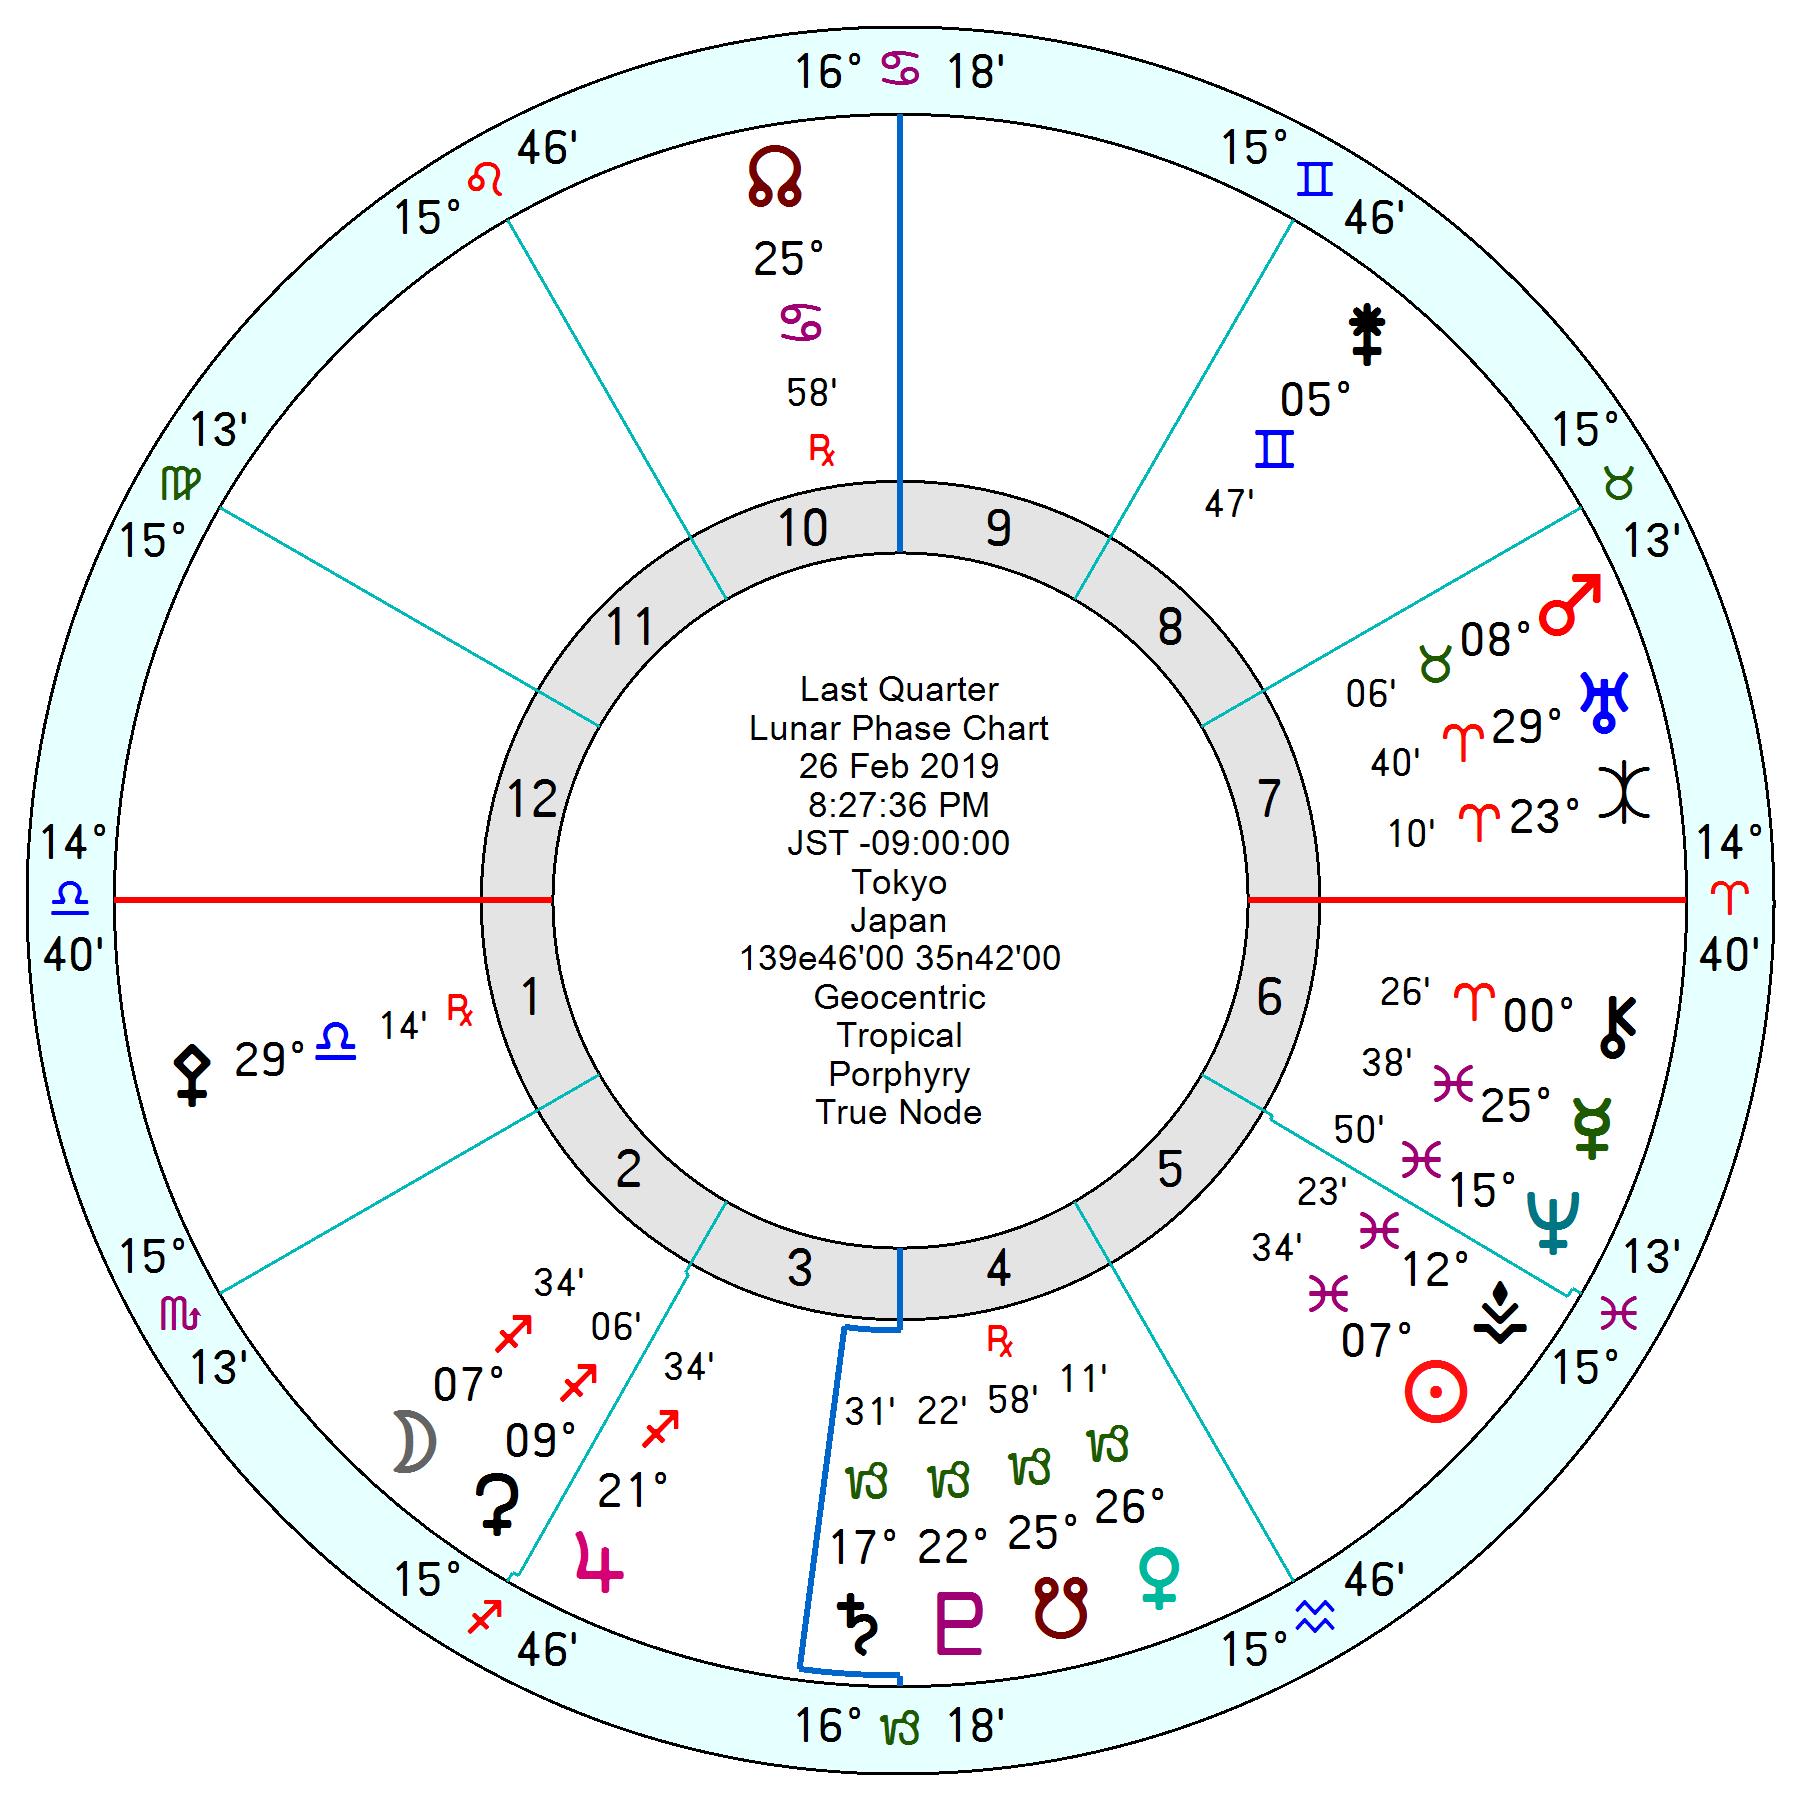 2019年2月26日射手座下弦の月